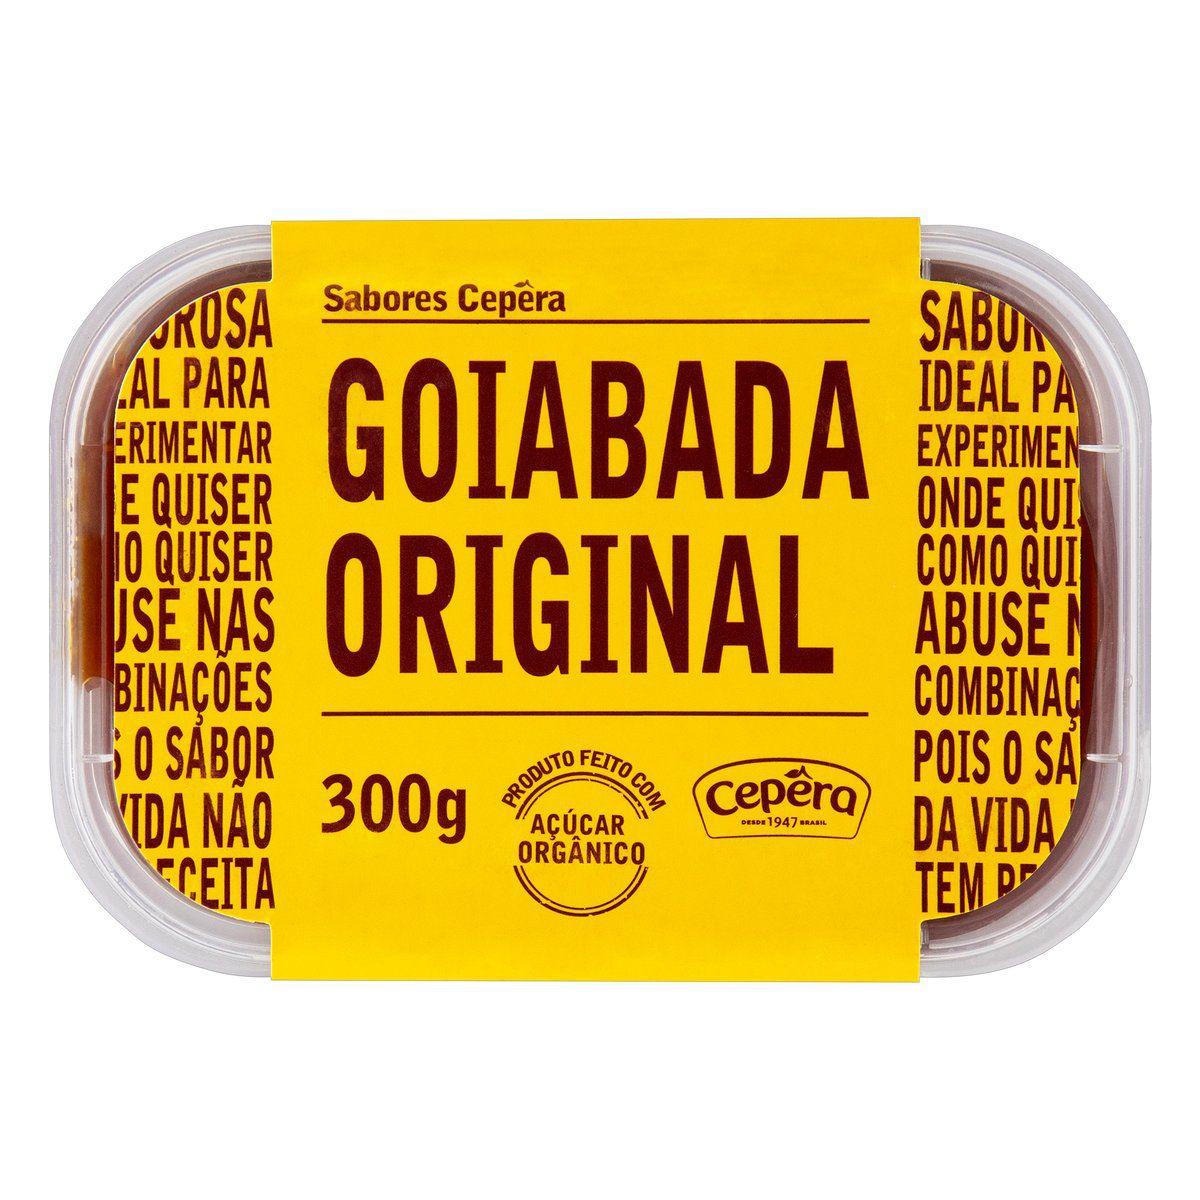 Goiabada Original 300g